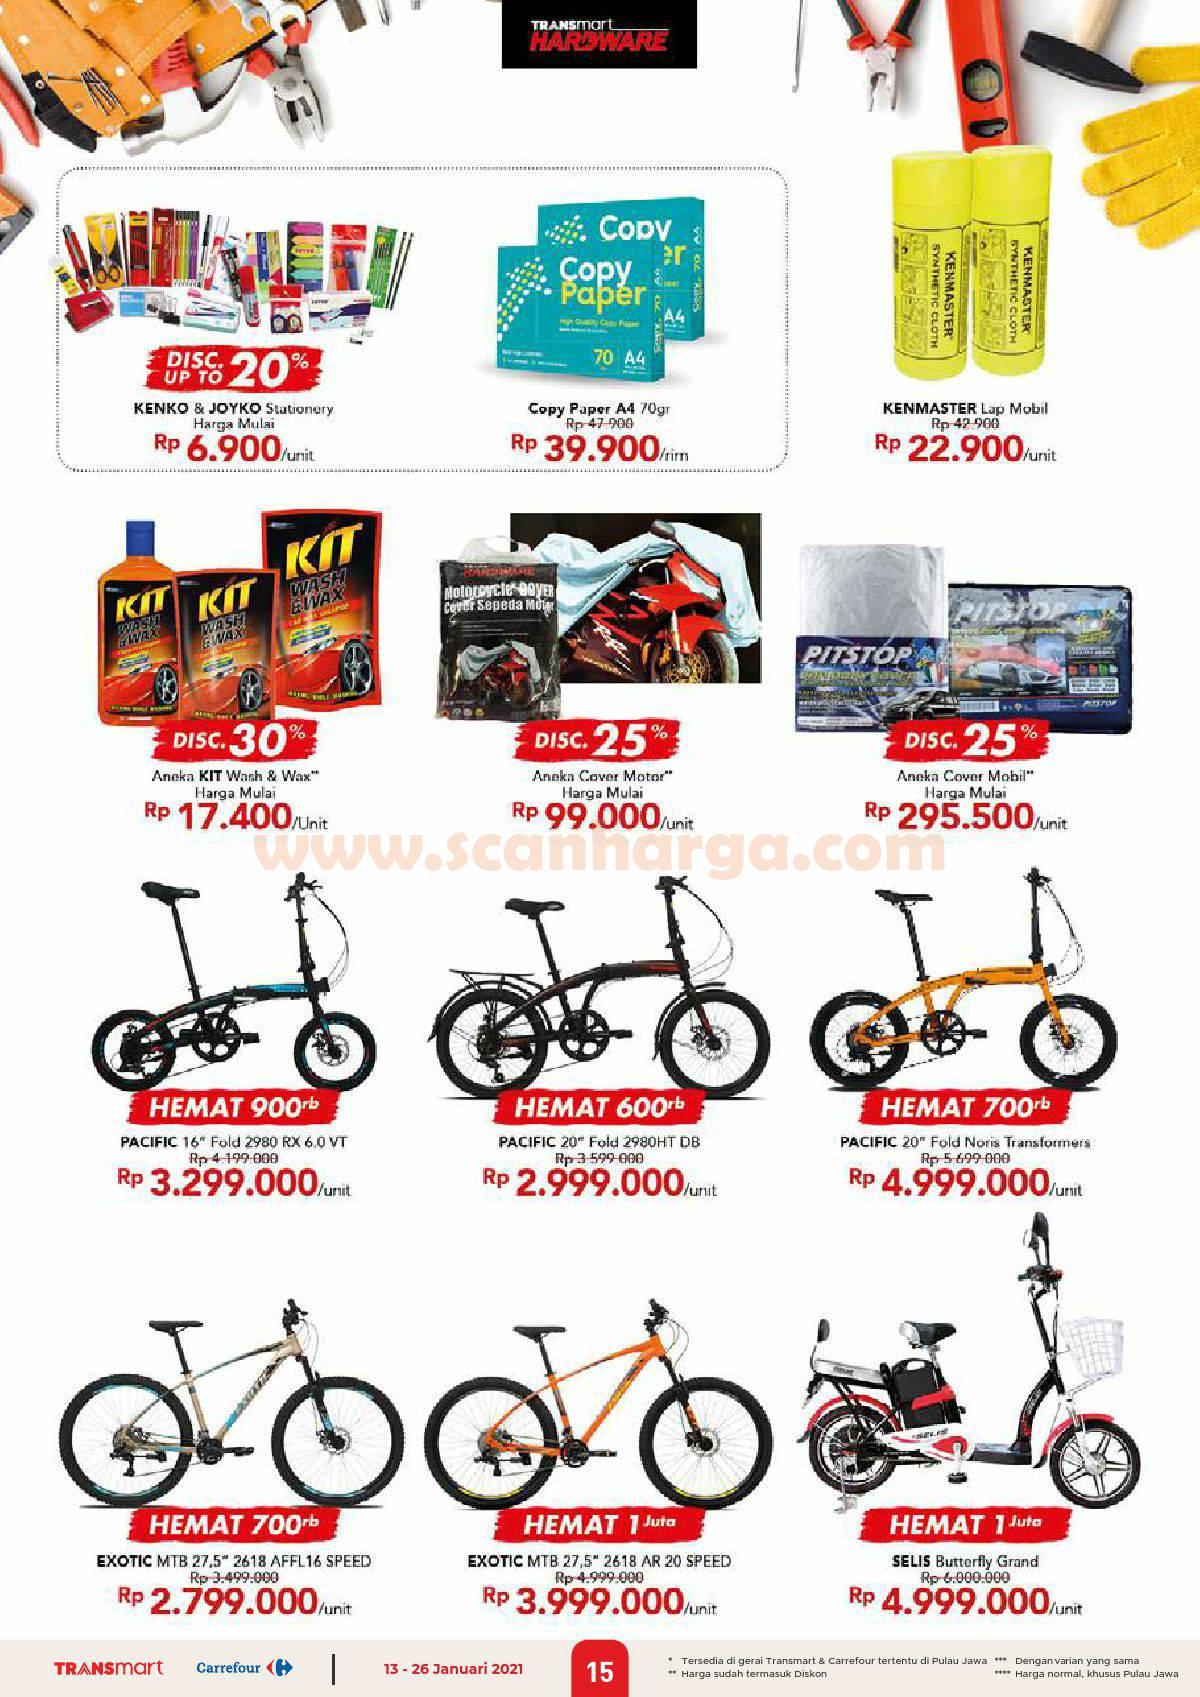 Katalog Promo Carrefour Transmart 13 - 26 Januari 2021 15